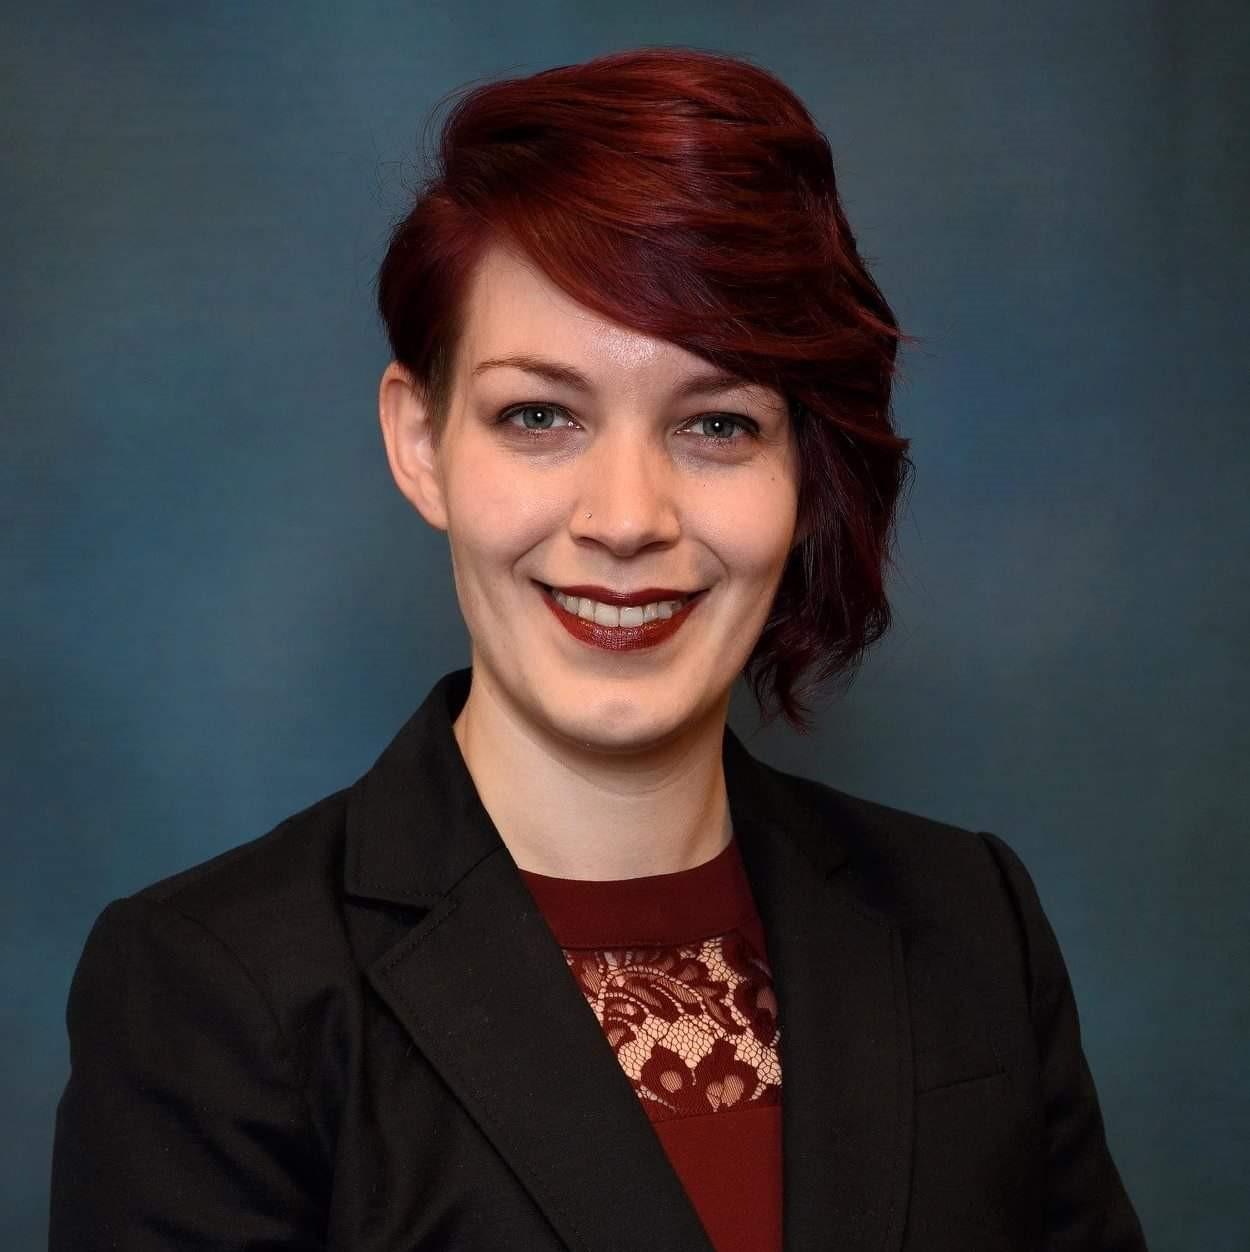 凯瑟琳·丹贝尔,DDS |牙科医生